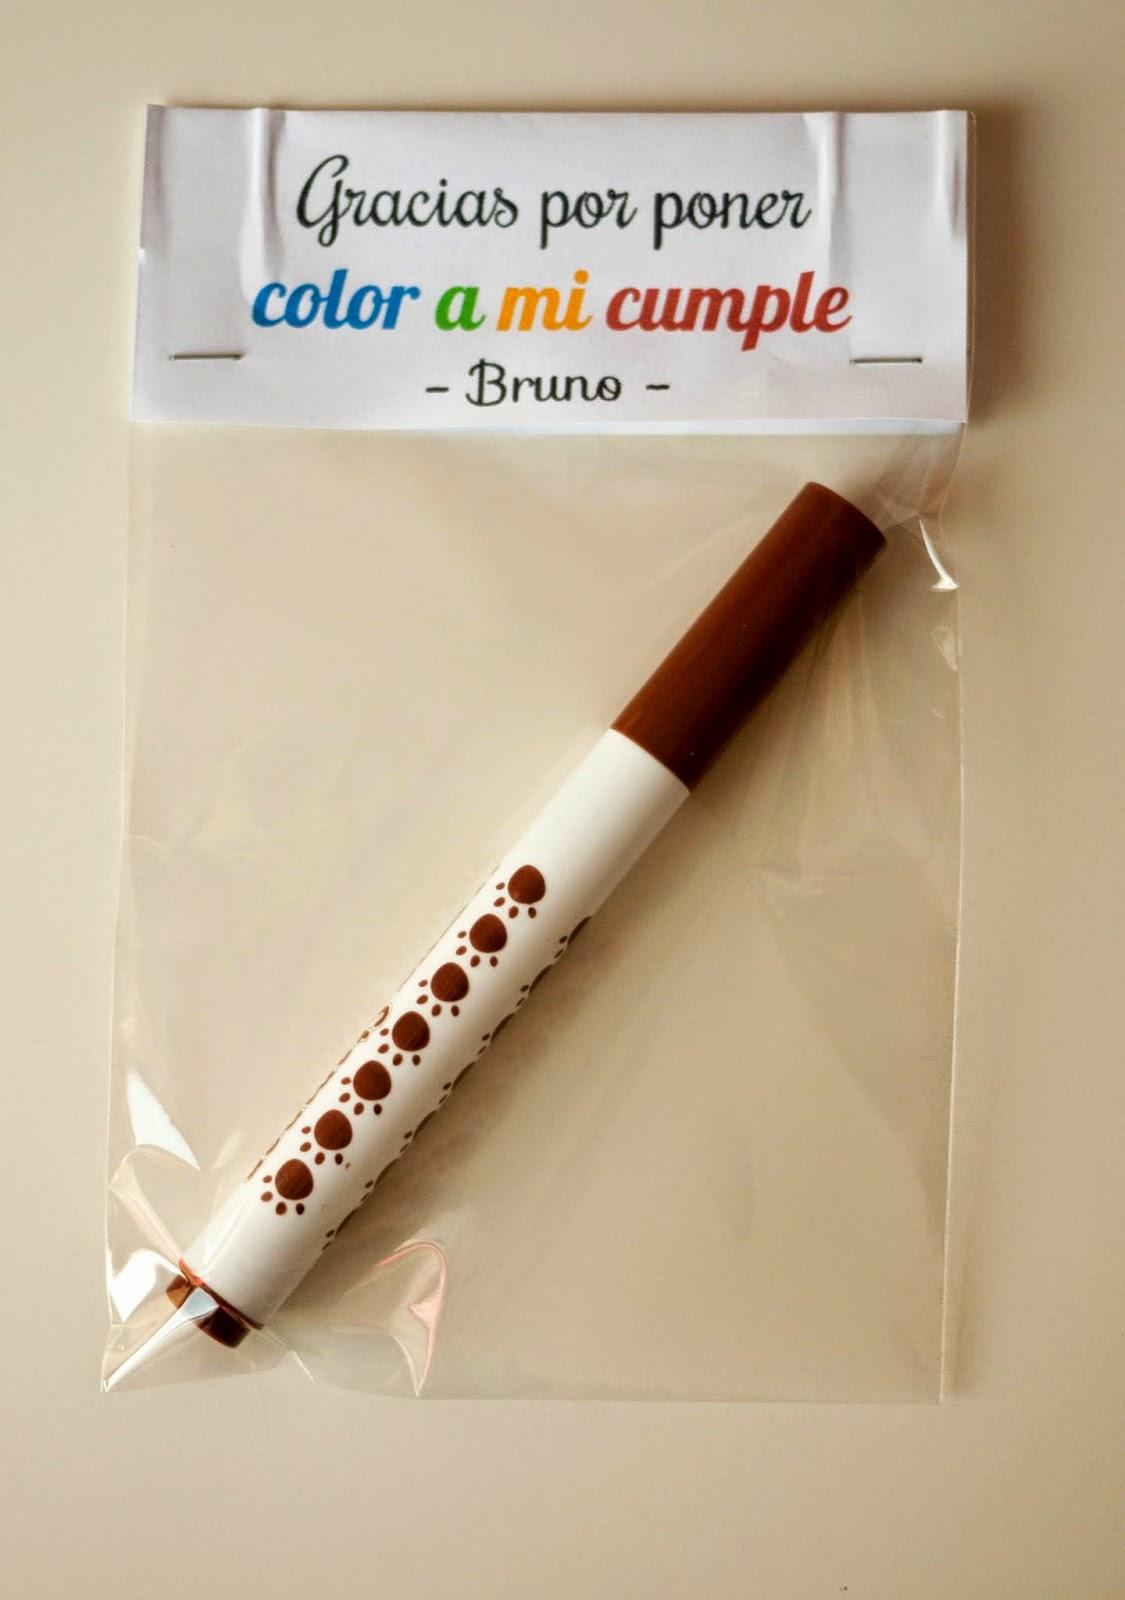 """Un rotulador empaquetado con la frase """"Gracias por poner color a mi cumple"""", para ofrecer como regalo de agradecimiento de cumpleaños"""